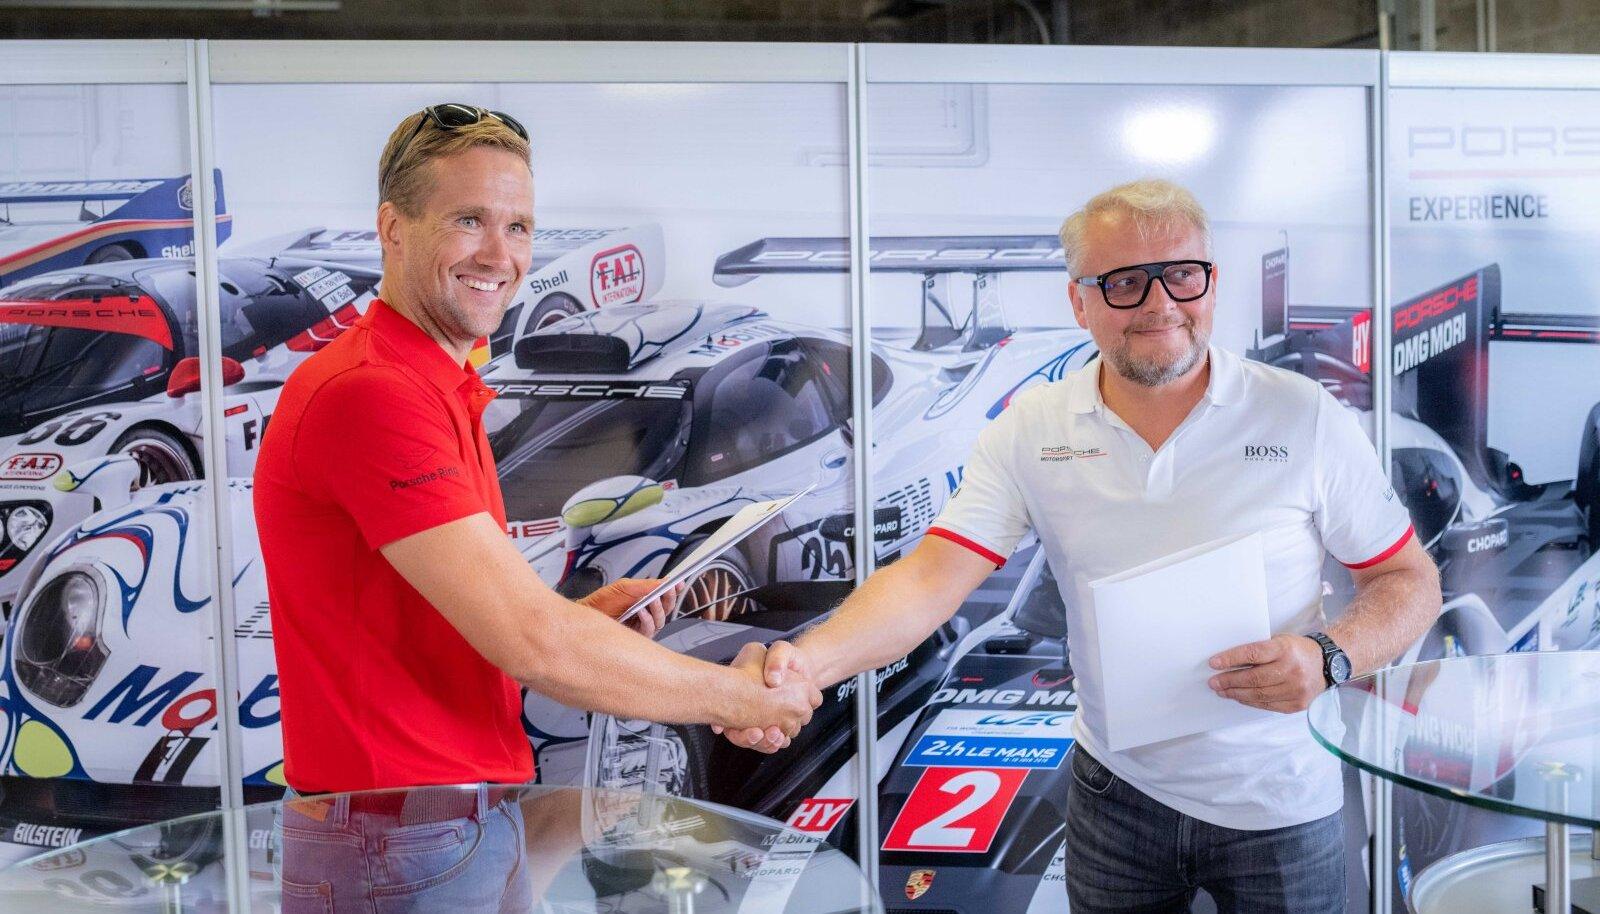 Porsche Eesti esindaja, Auto 100 ja Audru ringraja koostöölepingu sõlmimine